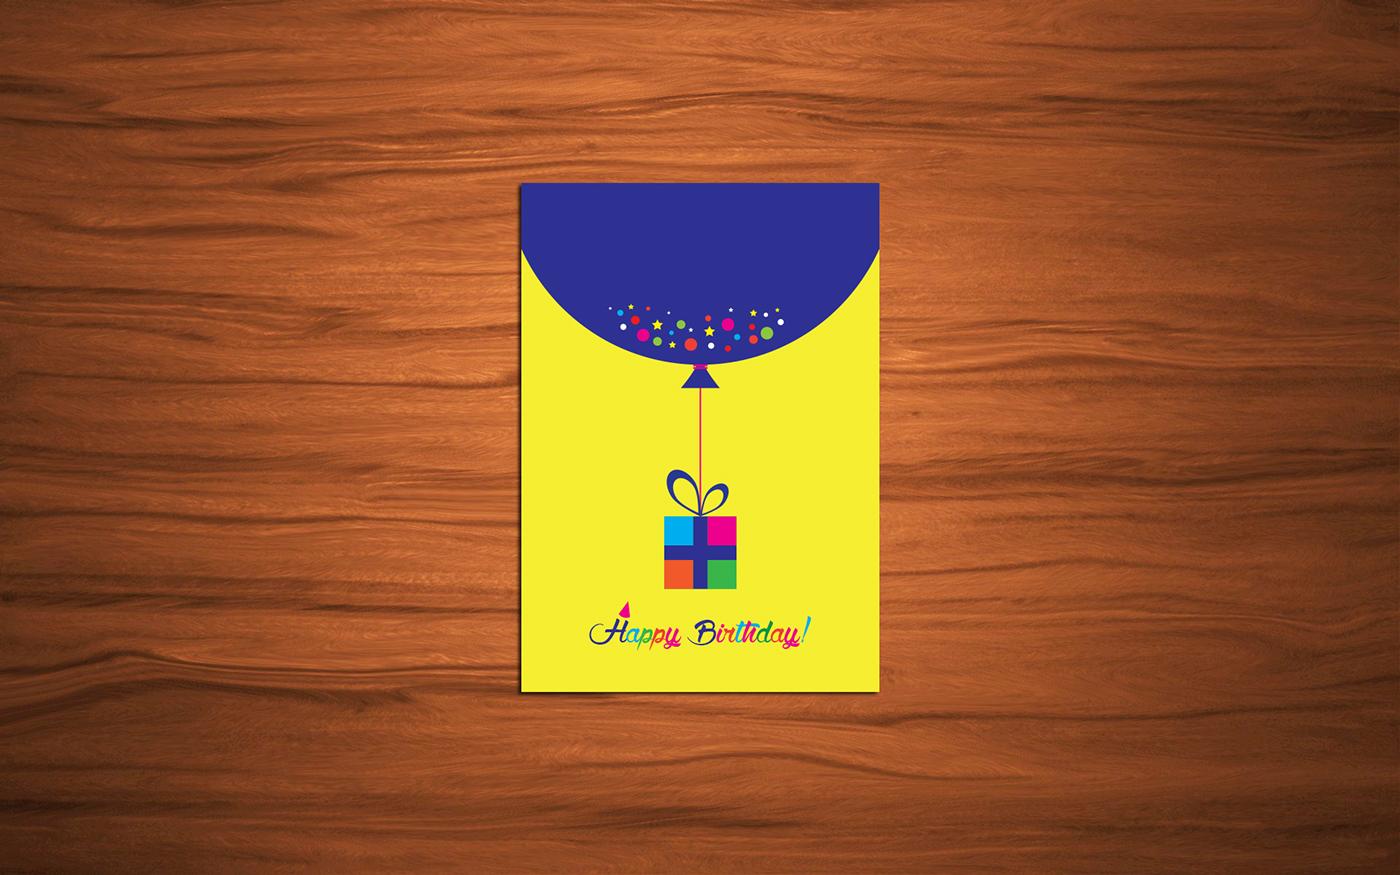 精緻的24套生日卡片設計欣賞